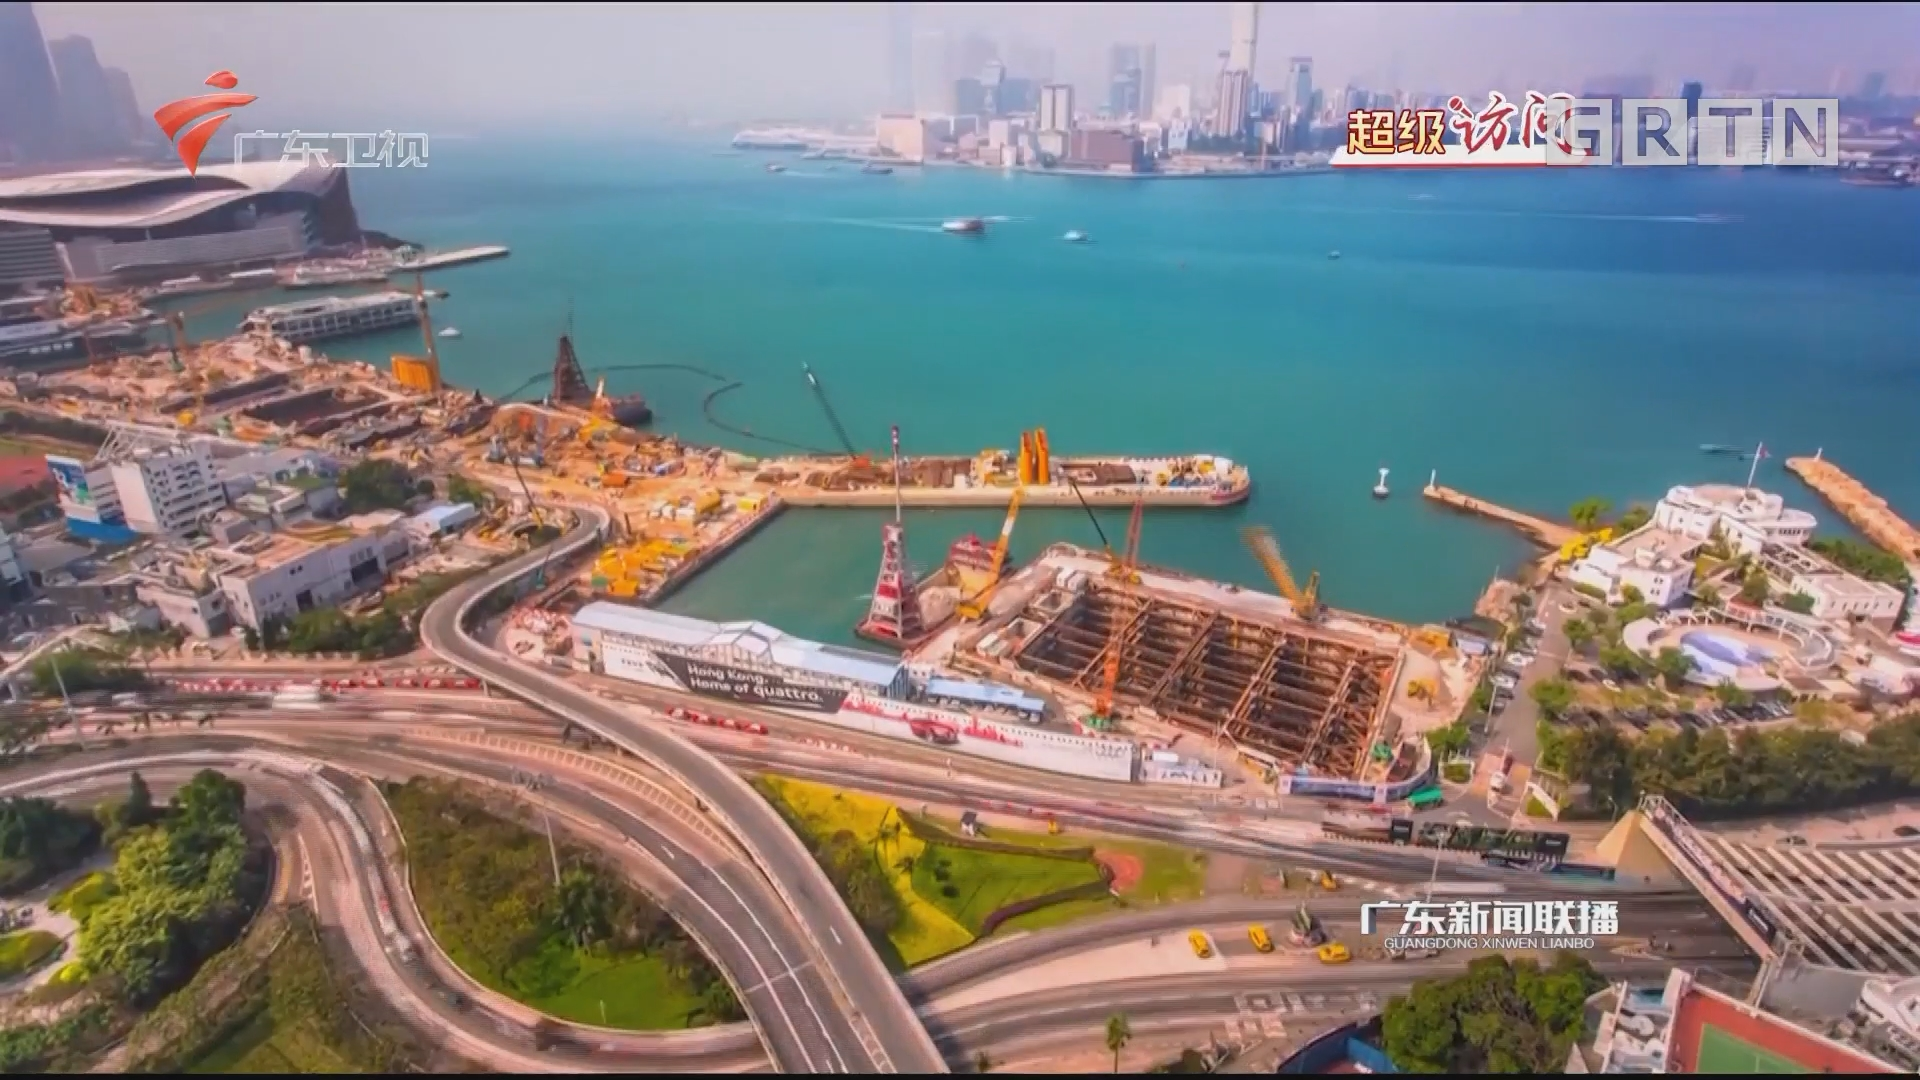 王瑞军:建设粤港澳大湾区国际科技创新中心